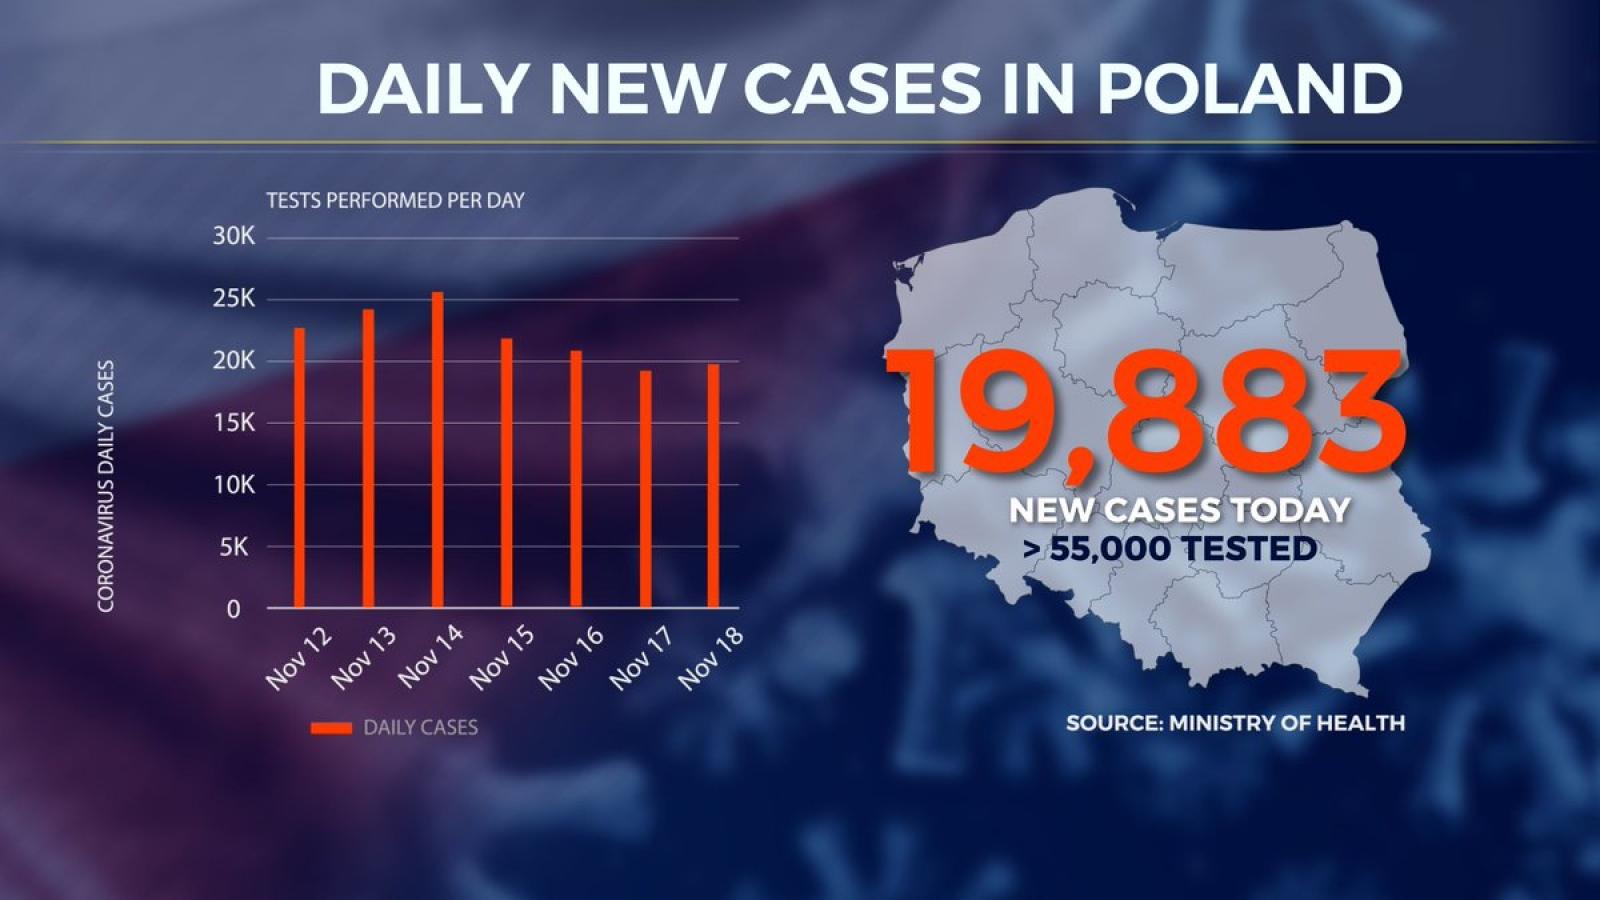 Hungary gia hạn tình trạng khẩn cấp, Ba Lan ghi nhận kỷ lục số ca tử vong trong 24h